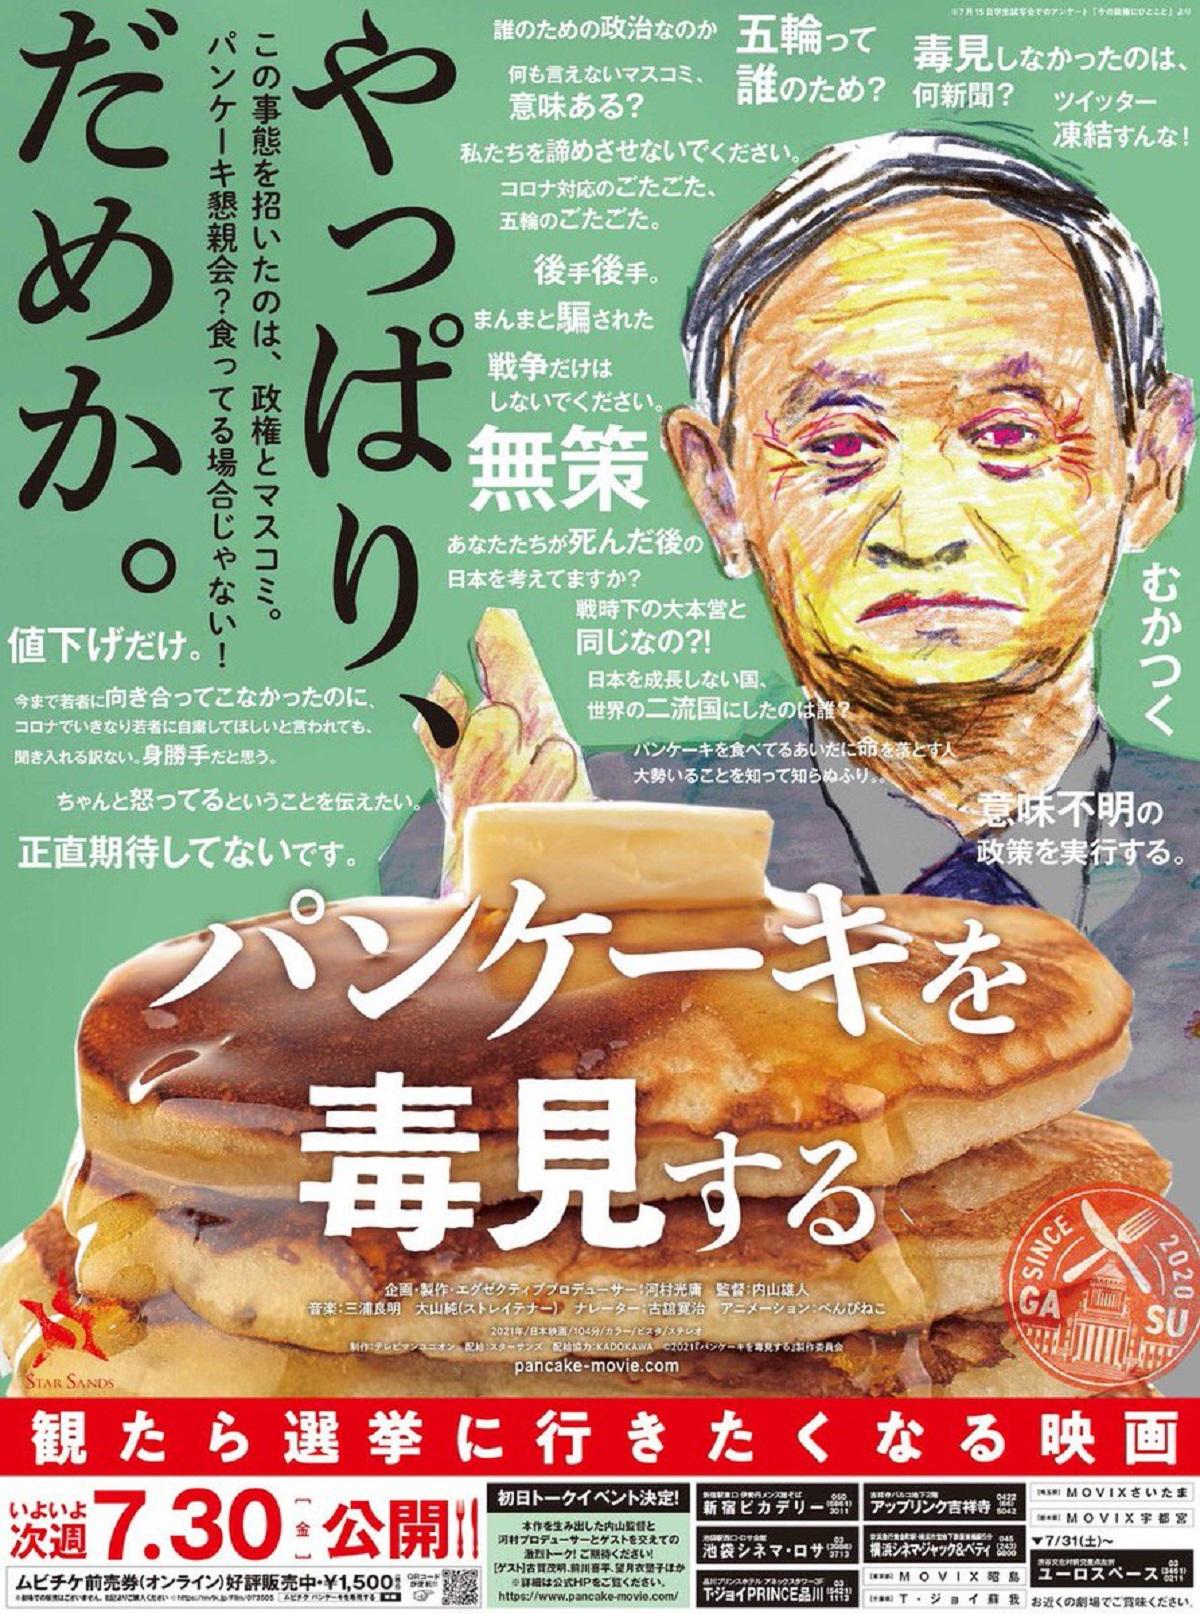 映画『パンケーキを毒味する』ポスター